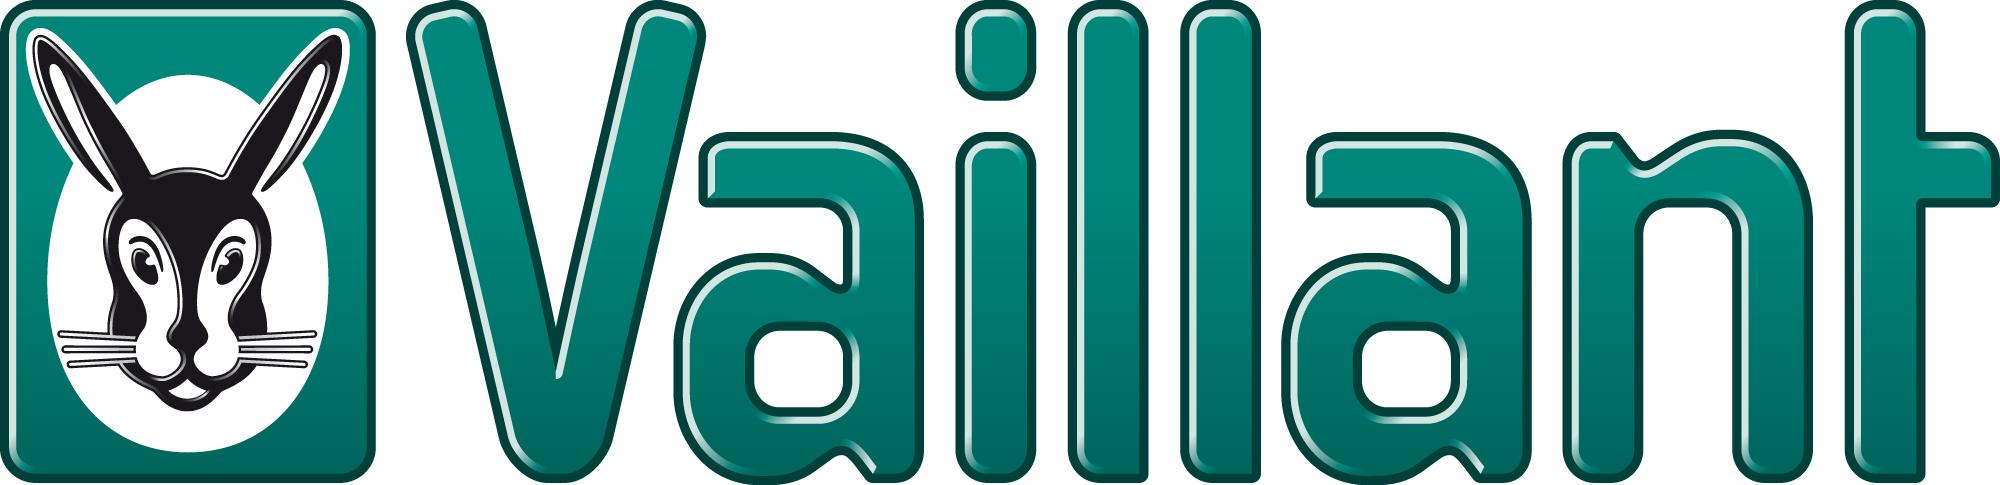 vaillant-logo-3d-4c-300dpi-368796